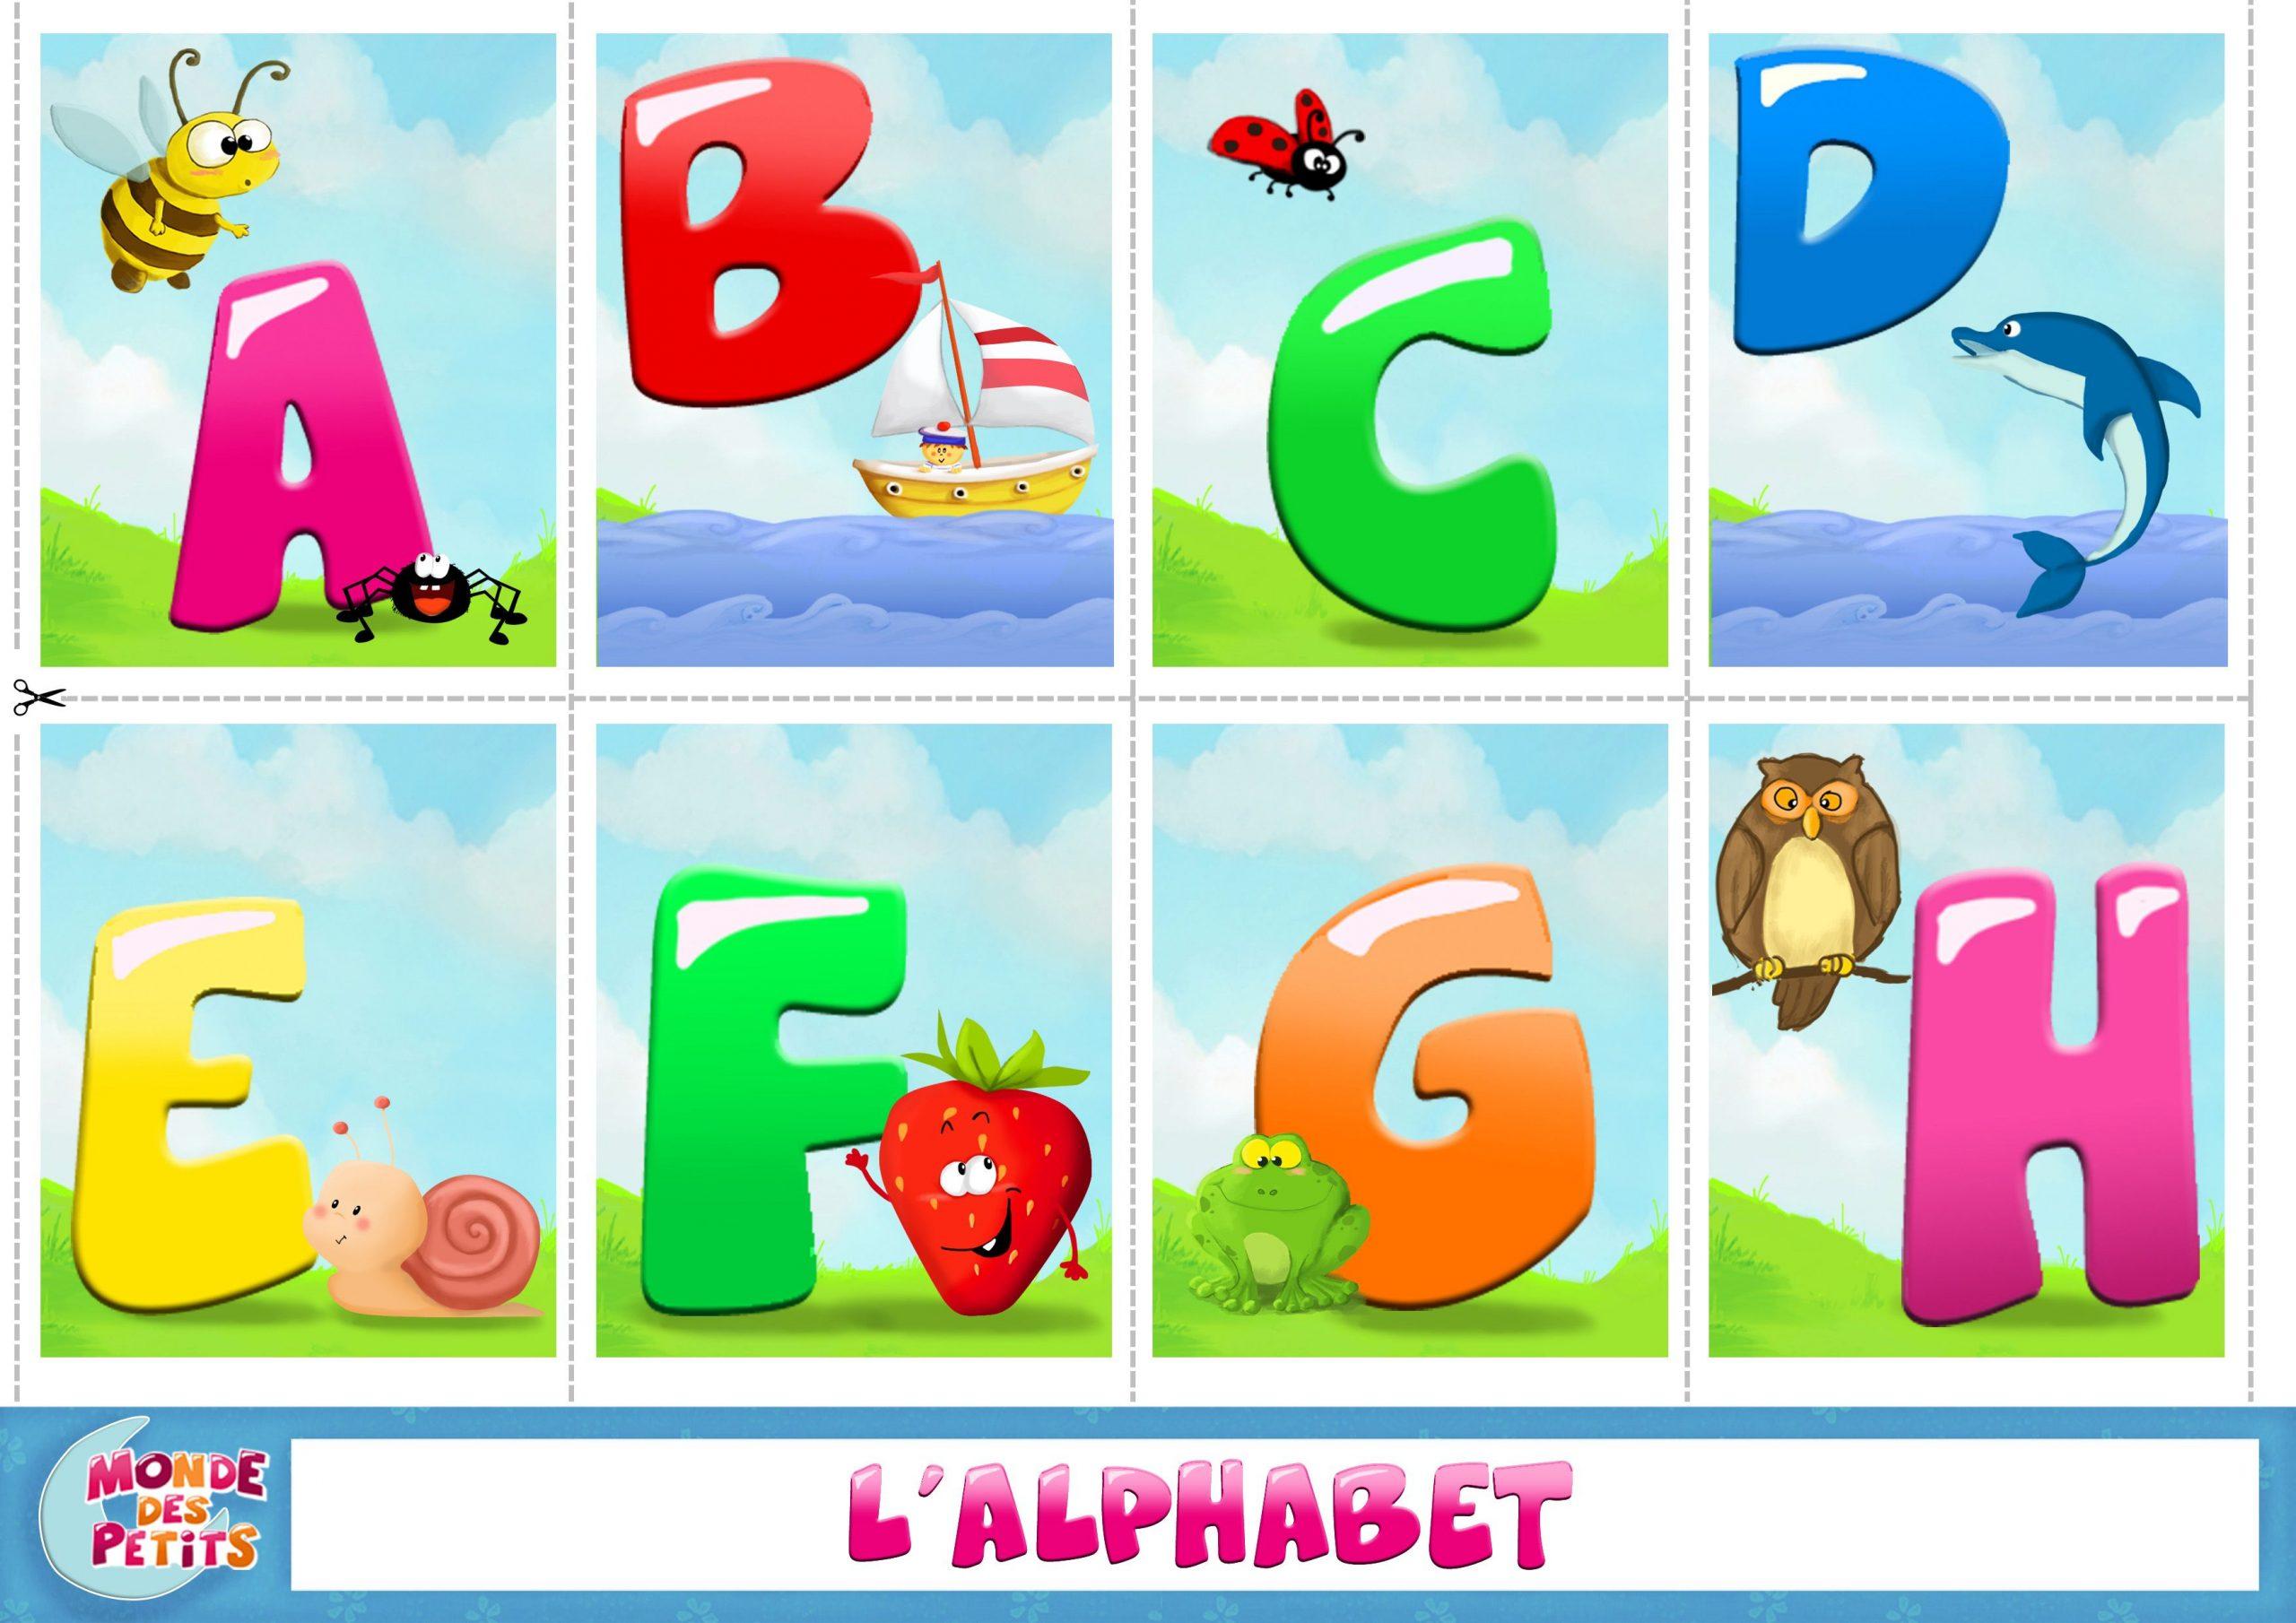 Apprendre-Alphabet-A (3508×2480) | Apprendre L'alphabet pour Apprendre Les Lettres En Jouant